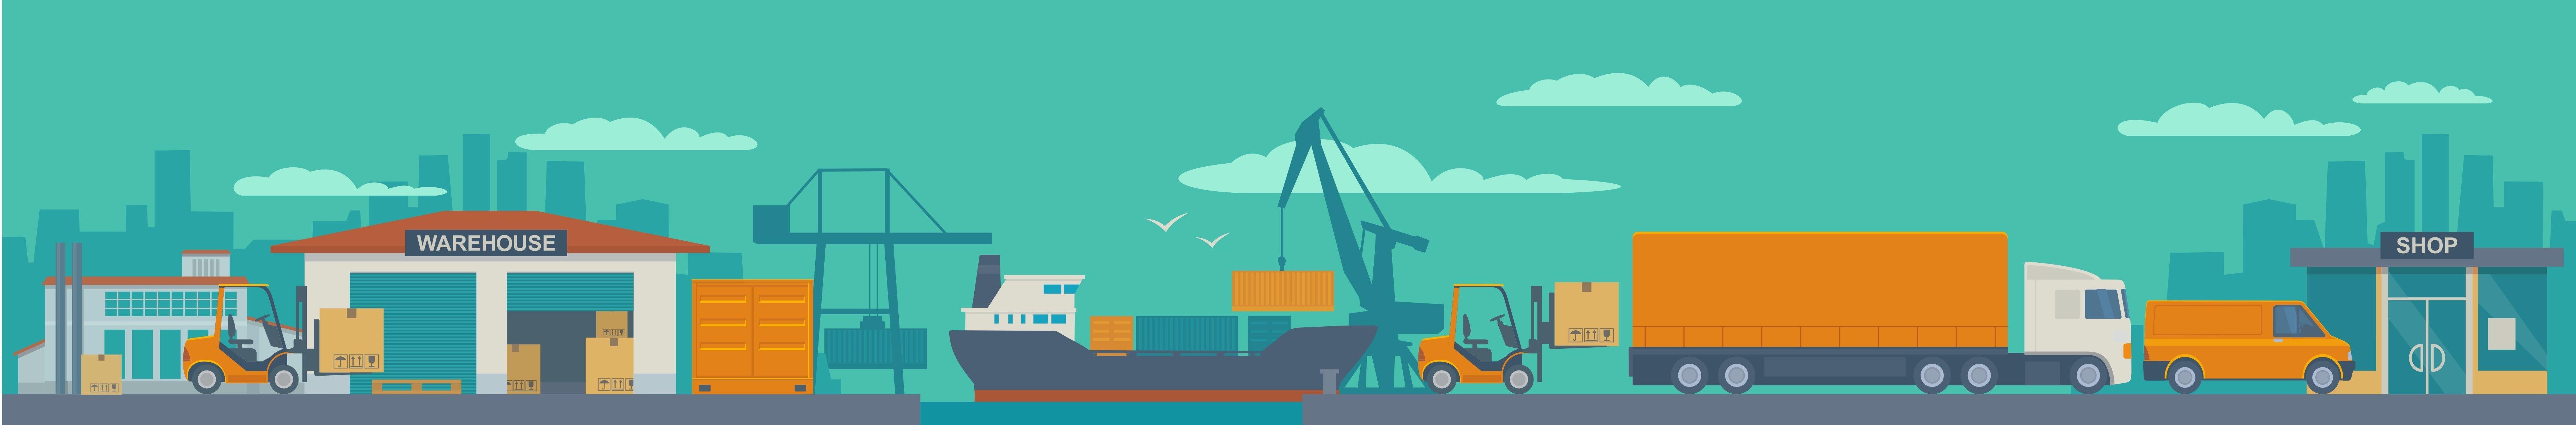 horizontal_supply_chain